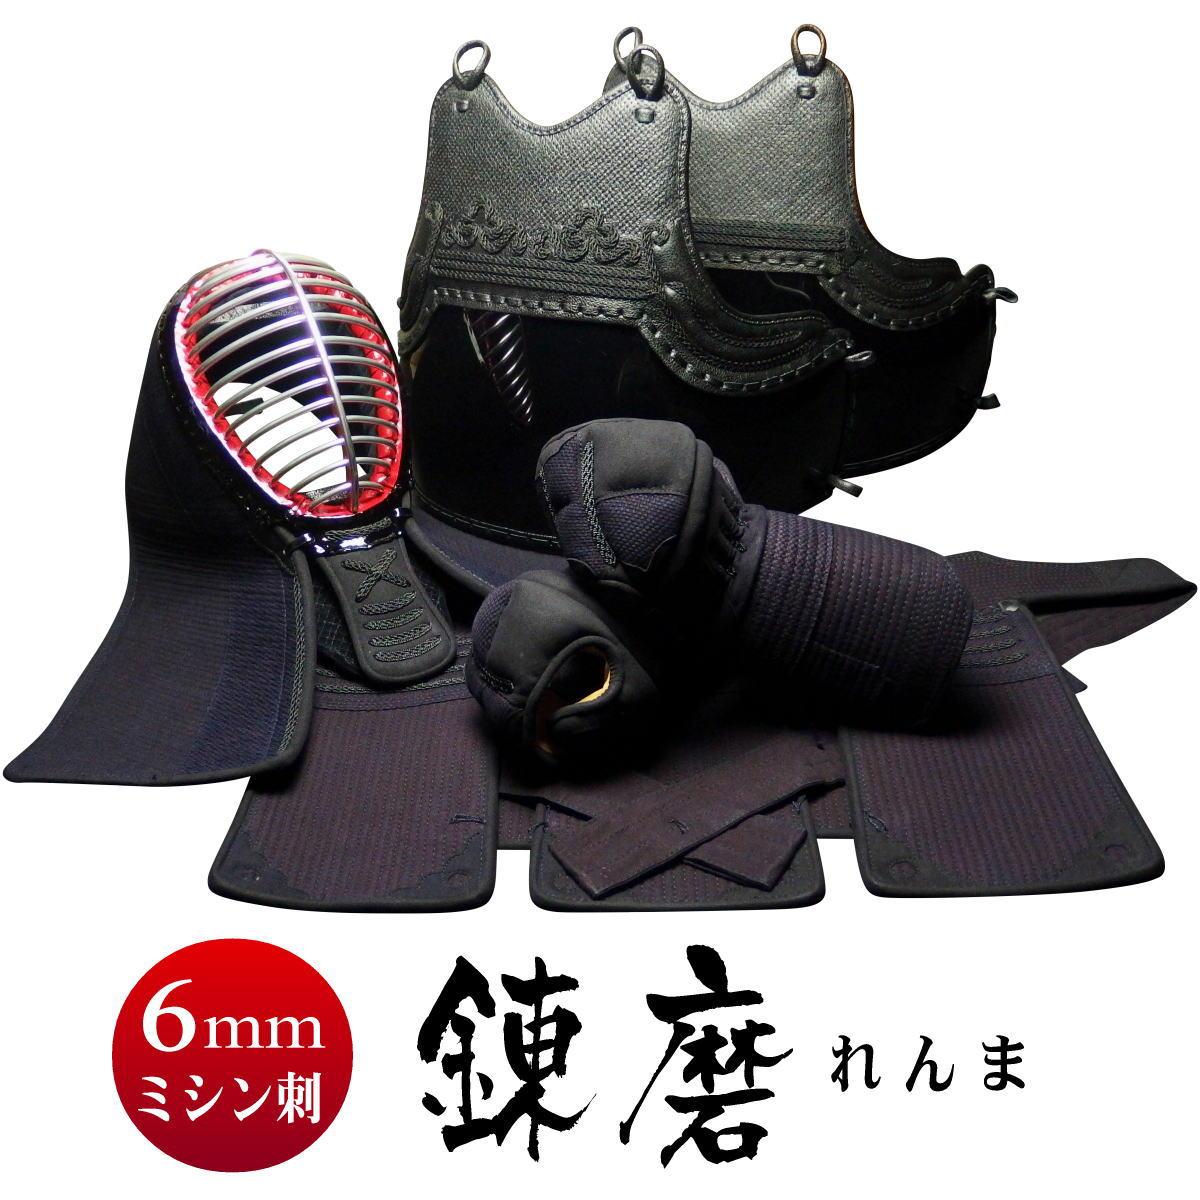 剣道 防具セット 練磨 6mm機械刺